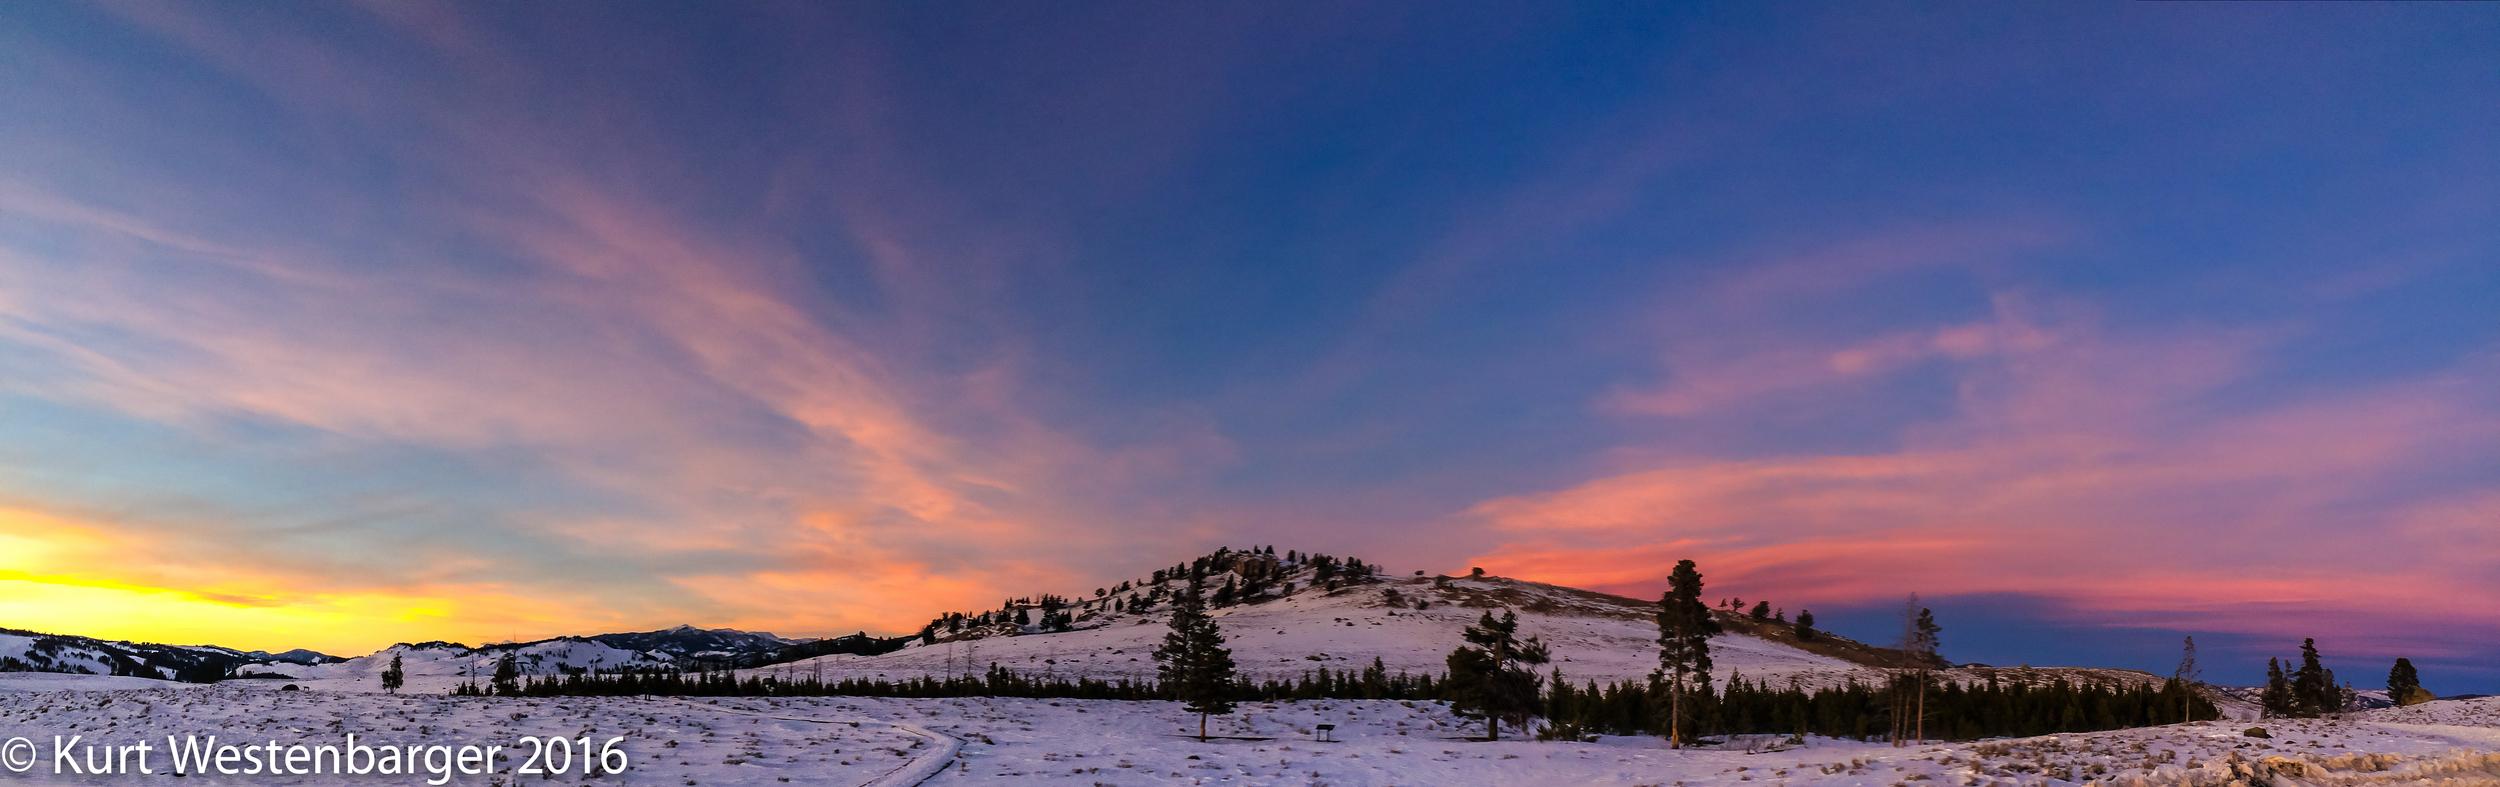 Blacktail Deer Plateau. iPhone 5s